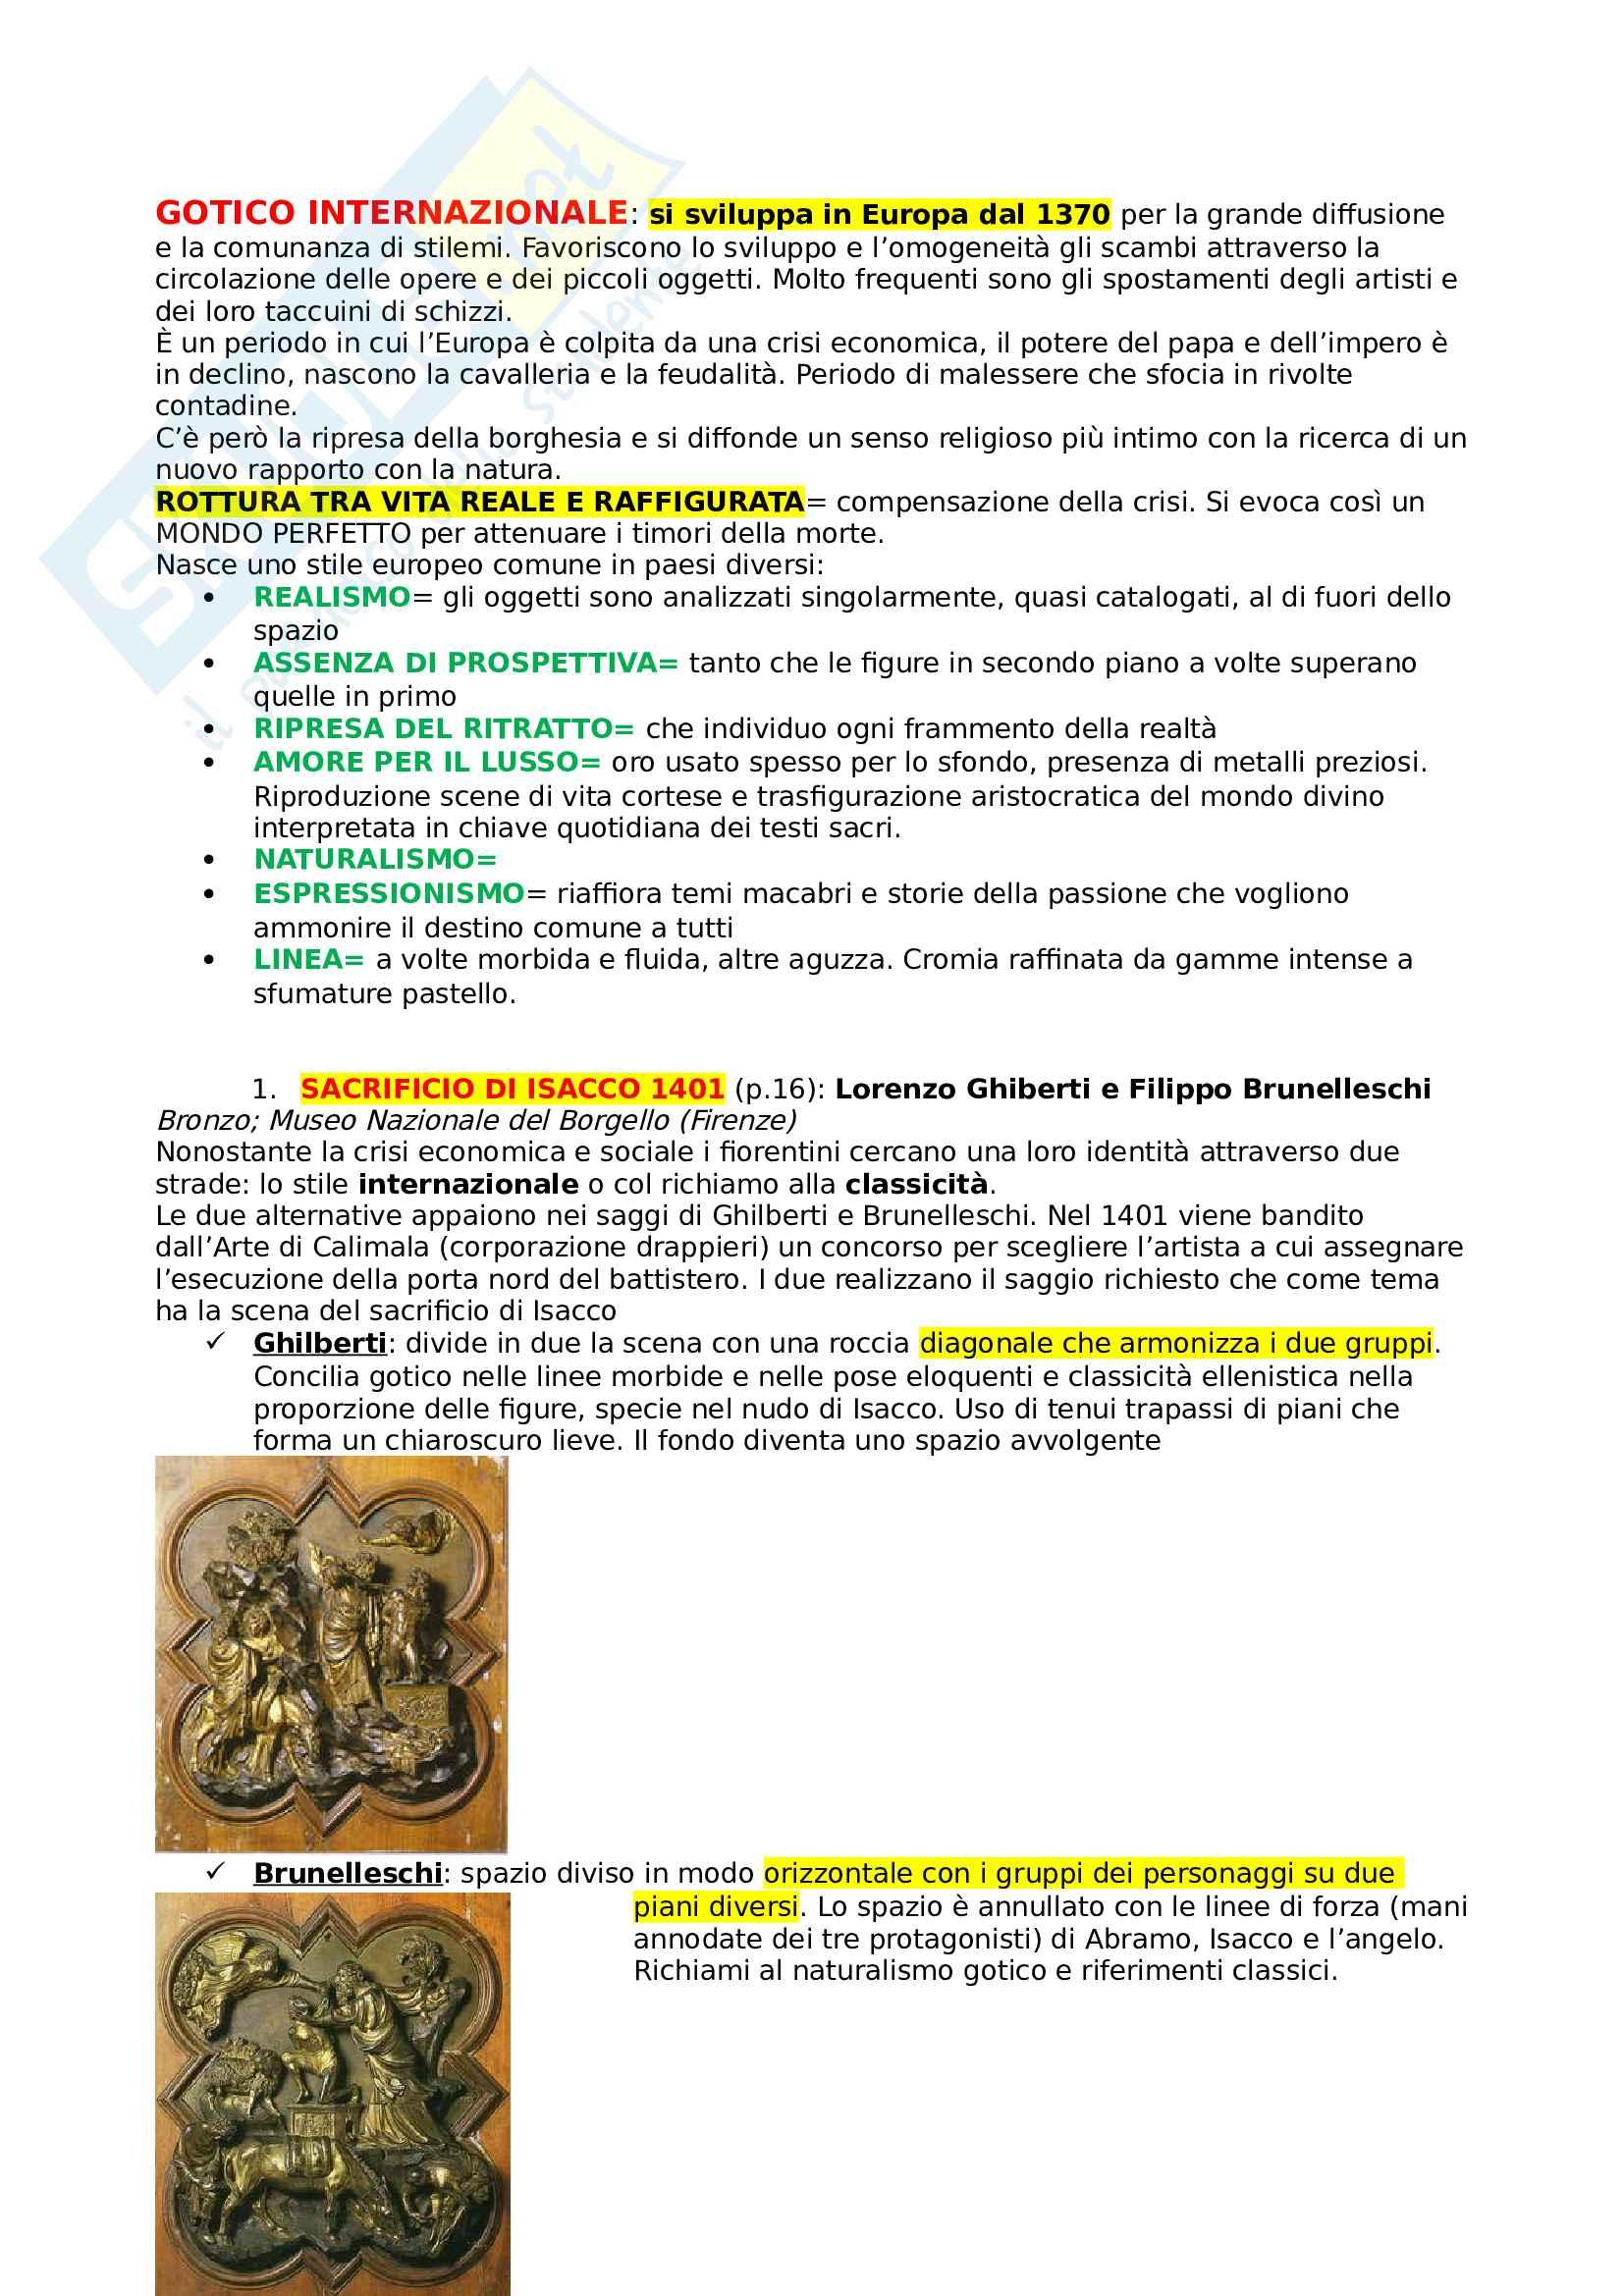 Schemi storia dell'arte (opere chieste nello scritto)